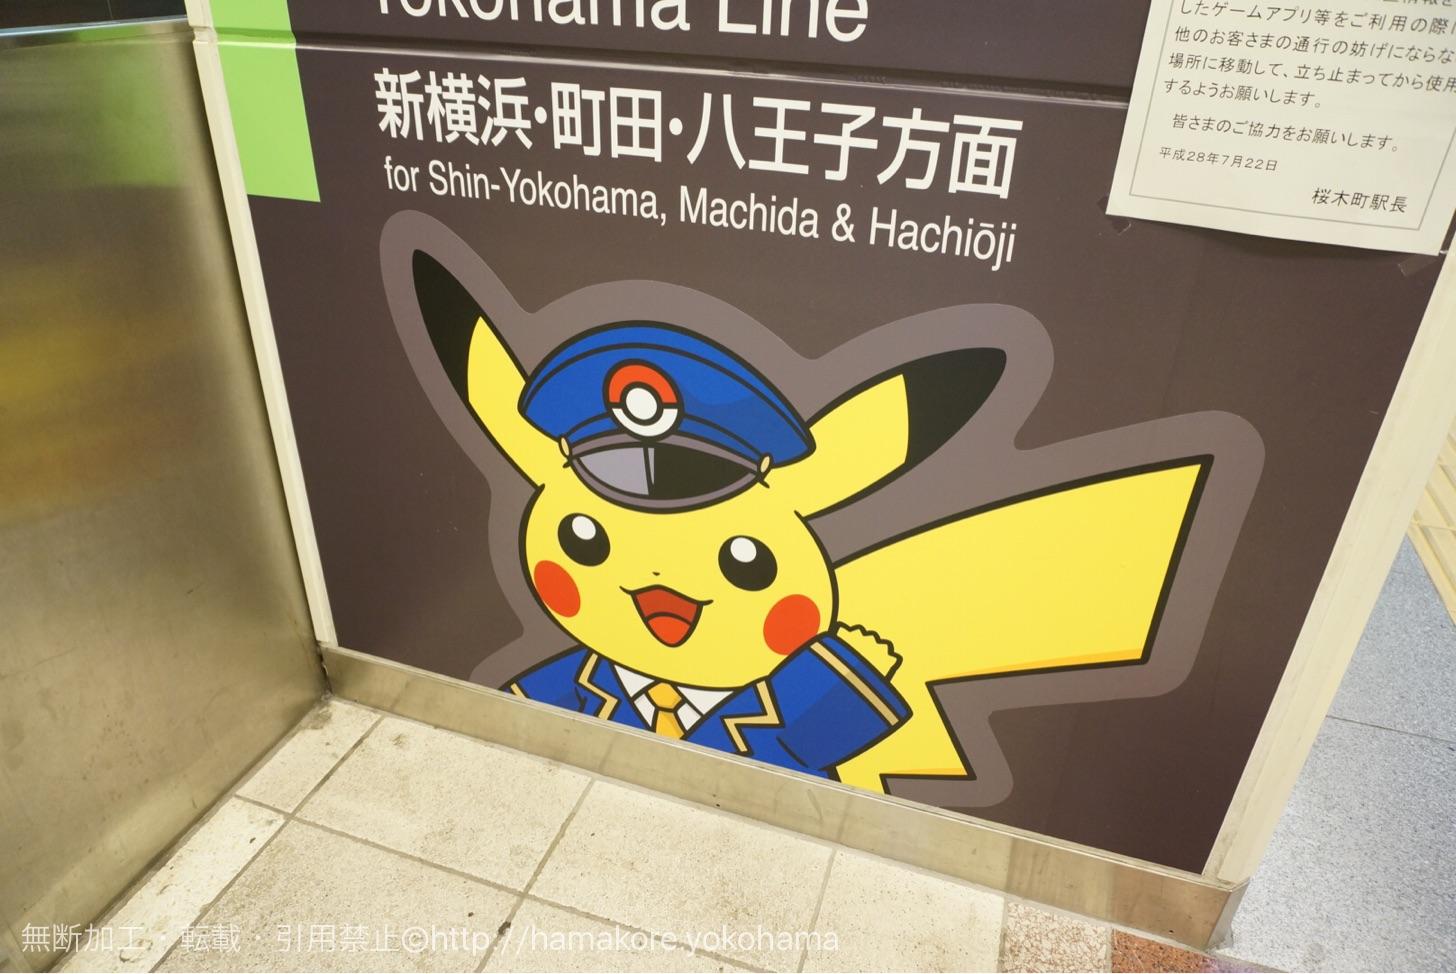 桜木町駅に描かれているピカチュウ